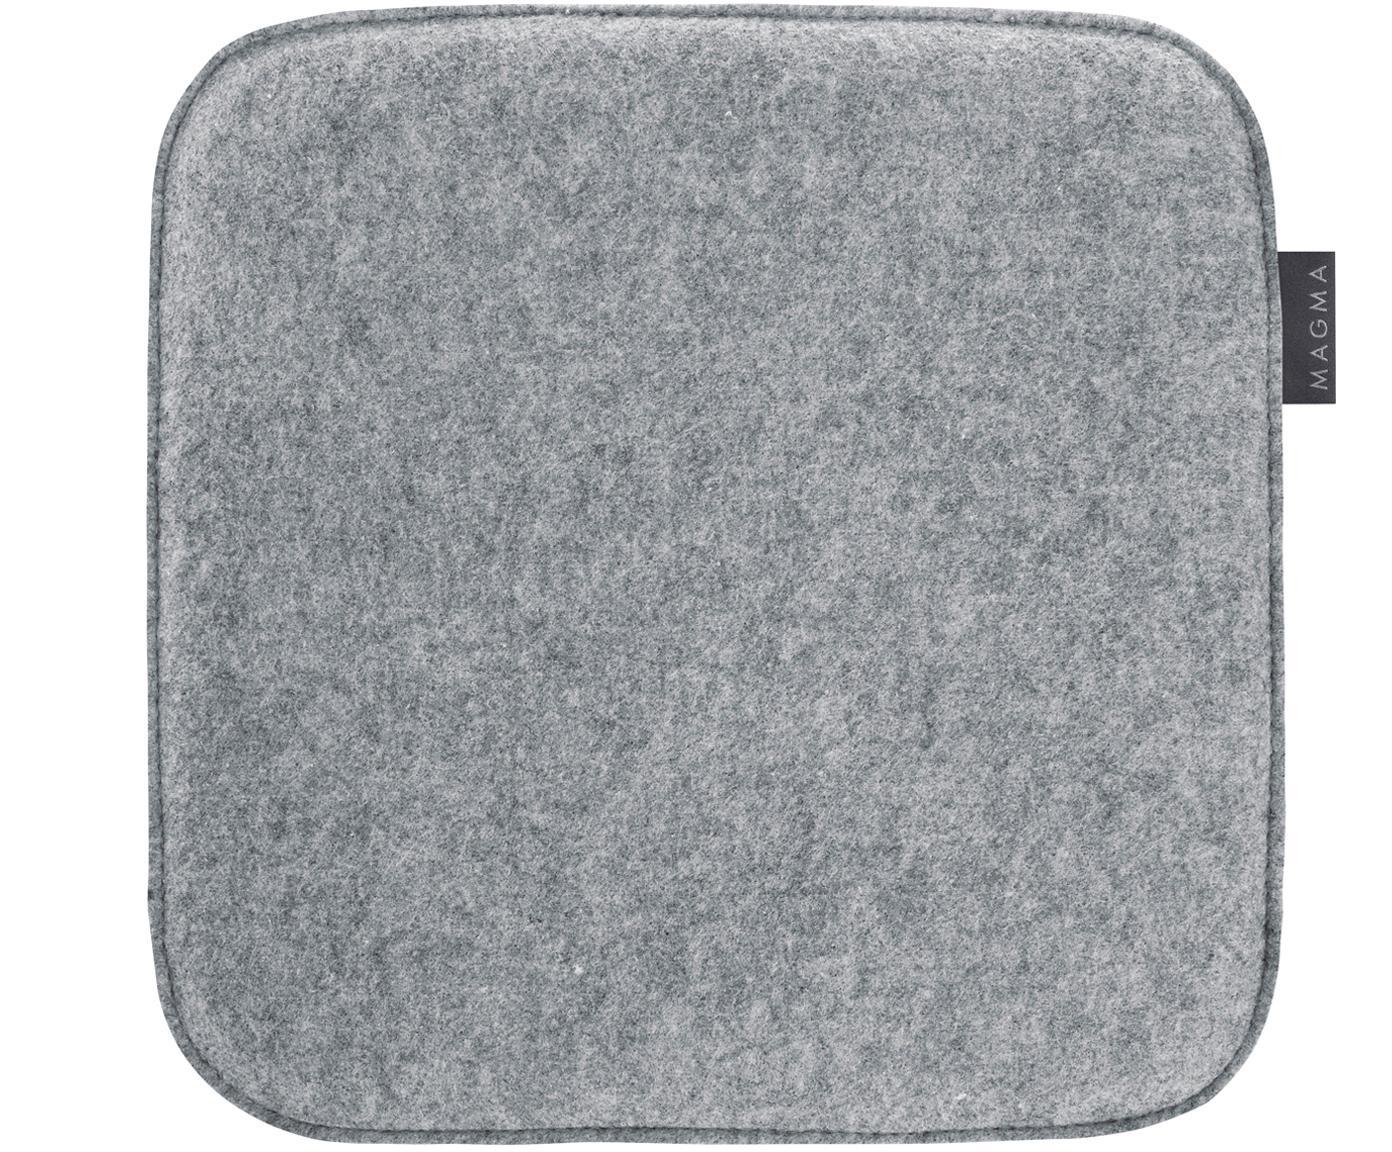 Cojines de asiento Avaro Square, 4uds., Gris, An 35 x L 35 cm